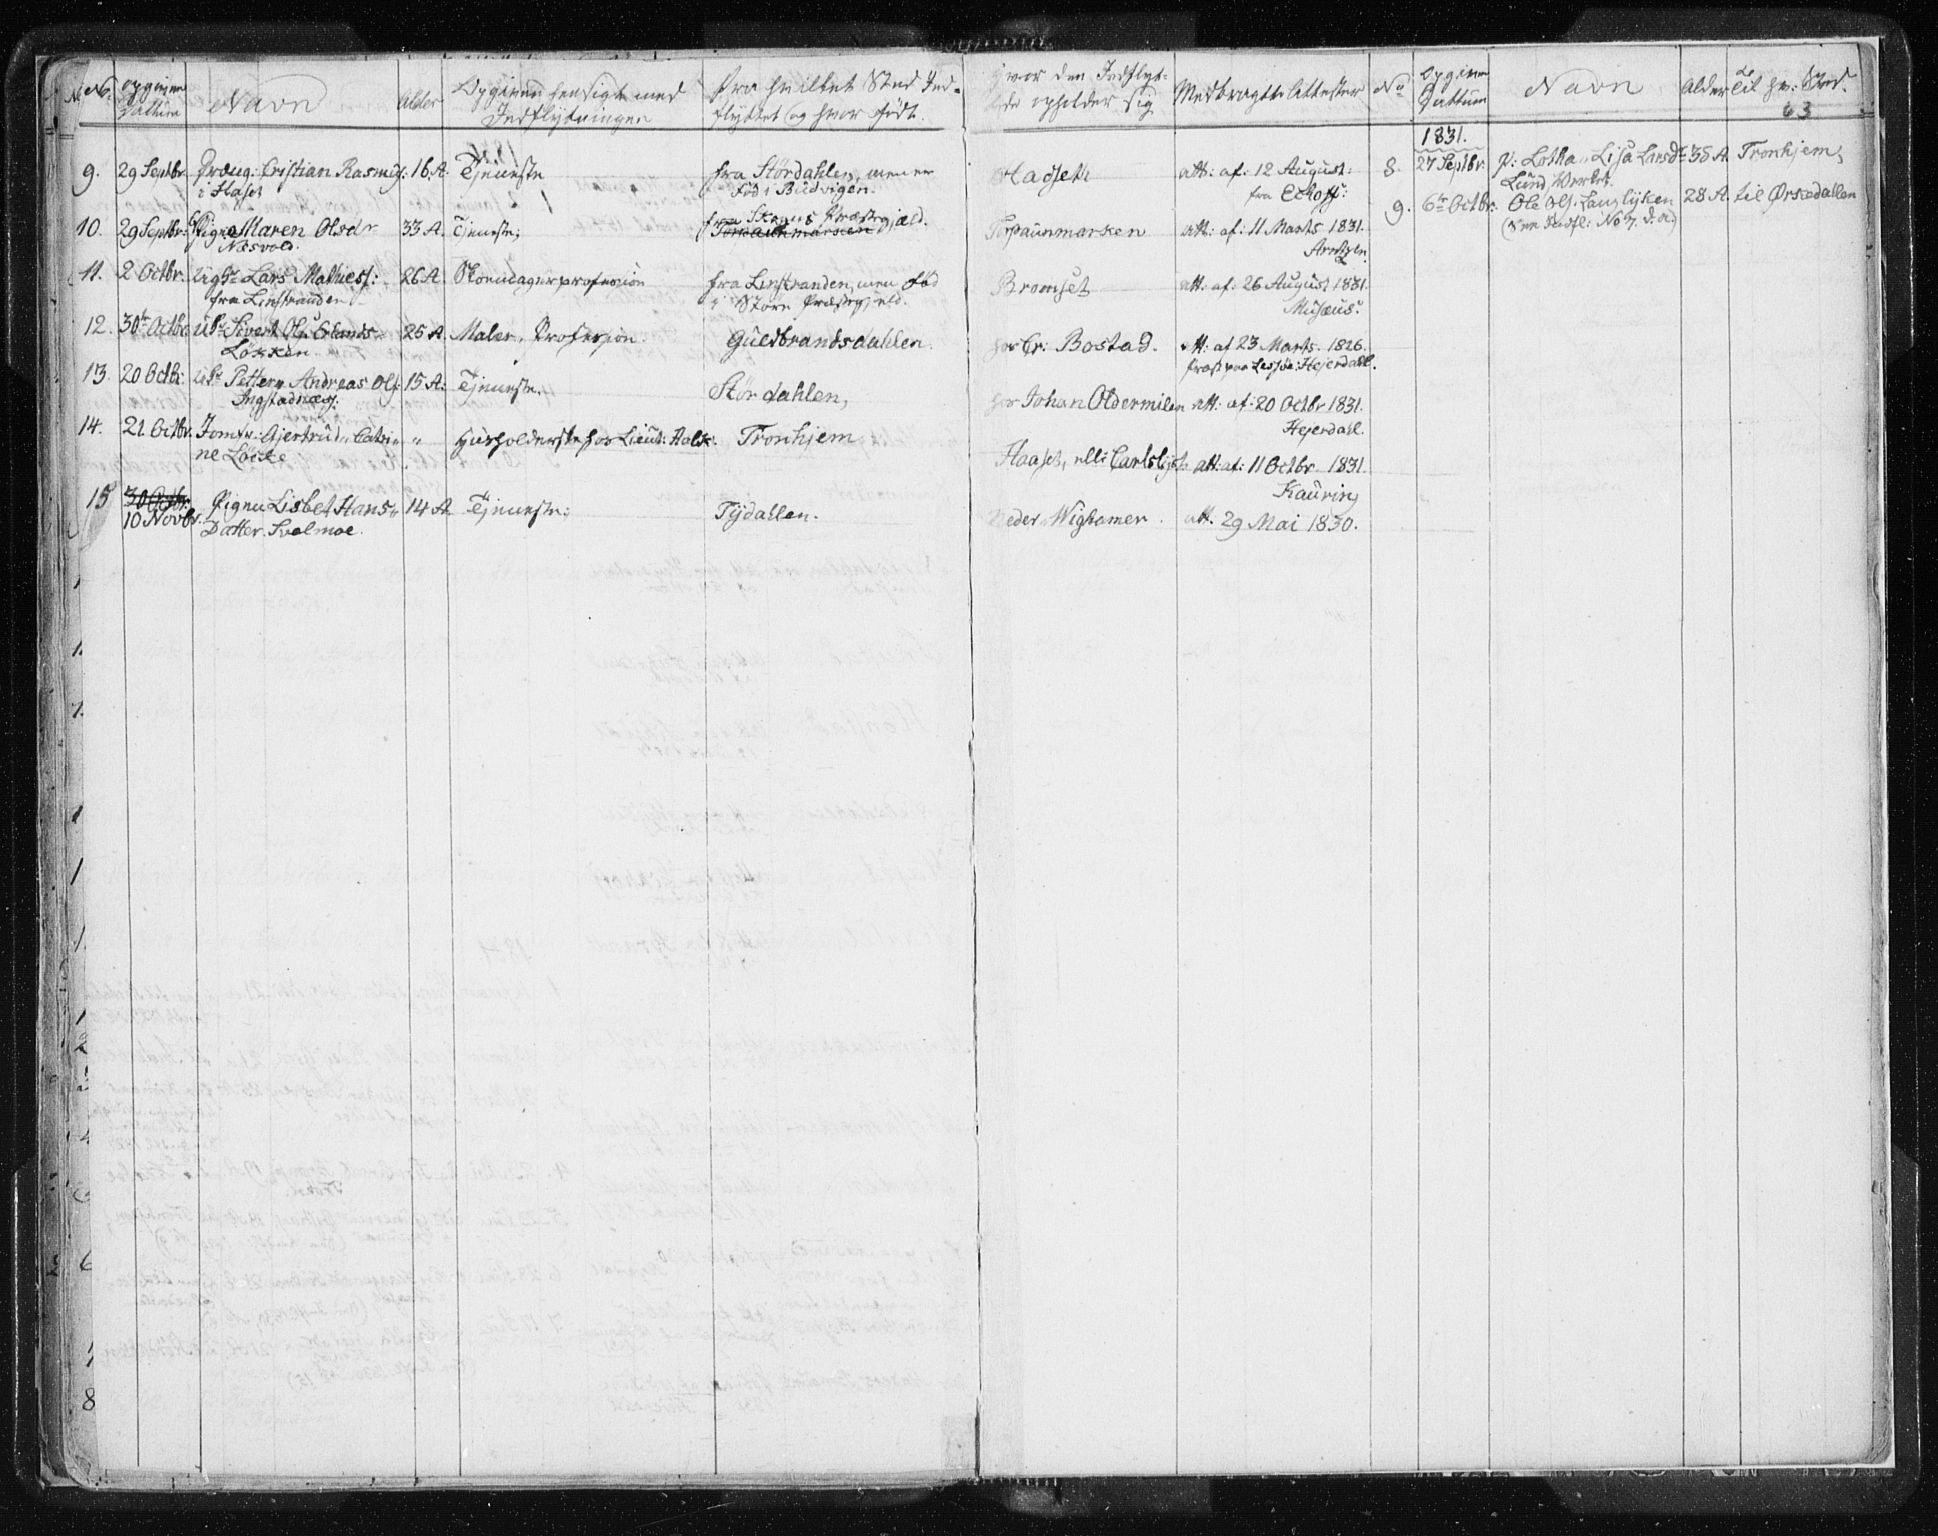 SAT, Ministerialprotokoller, klokkerbøker og fødselsregistre - Sør-Trøndelag, 616/L0404: Ministerialbok nr. 616A01, 1823-1831, s. 63